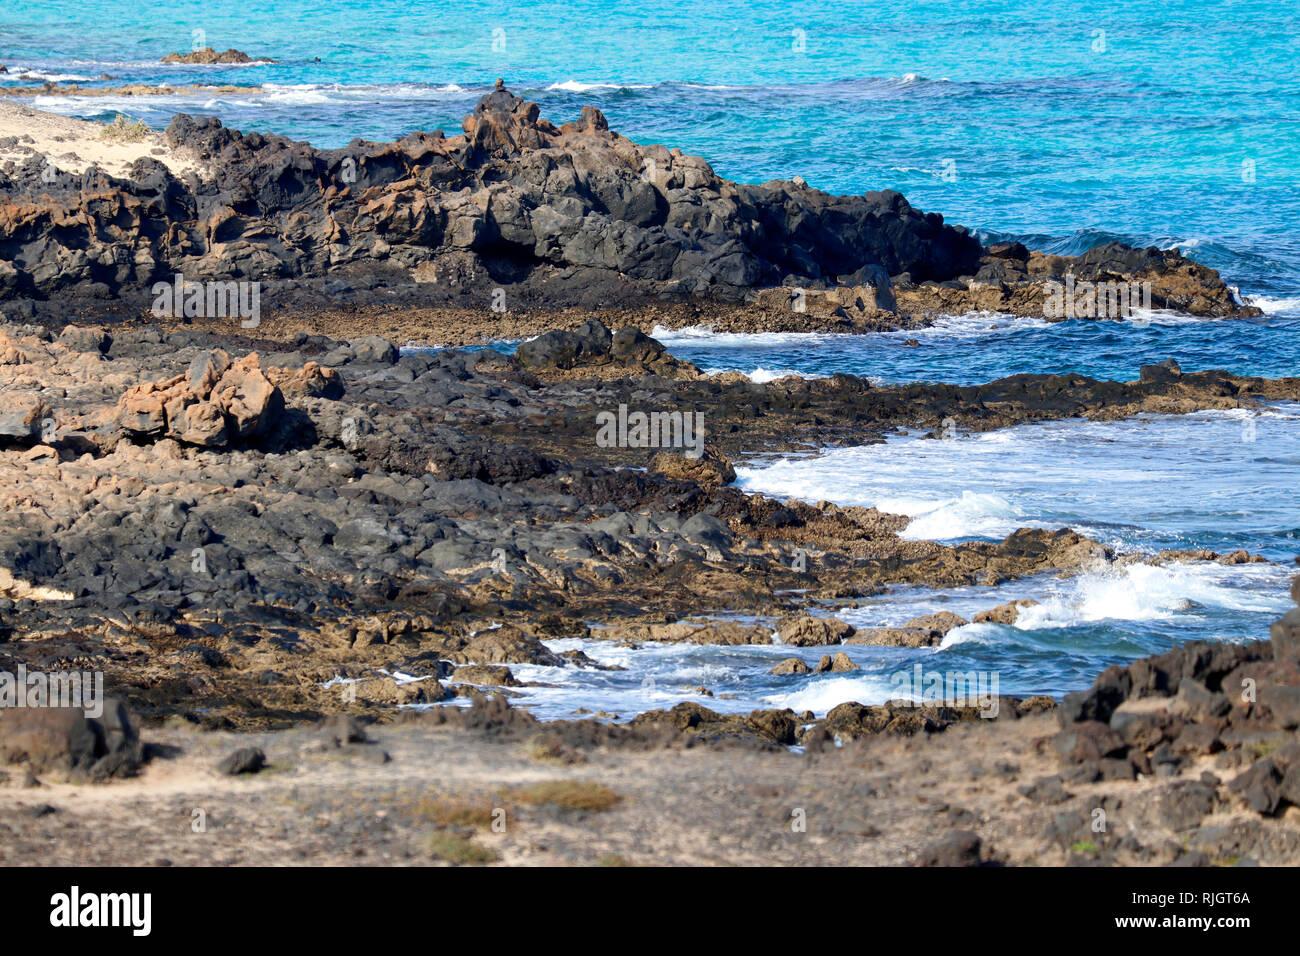 Impressionen: Atlantik, Sandduenen von Corralejo, Fuerteventura, Kanarische Inseln, Spanien/ sand dunes of Corralejo,Fuerteventura, Canary Islands, Sp - Stock Image